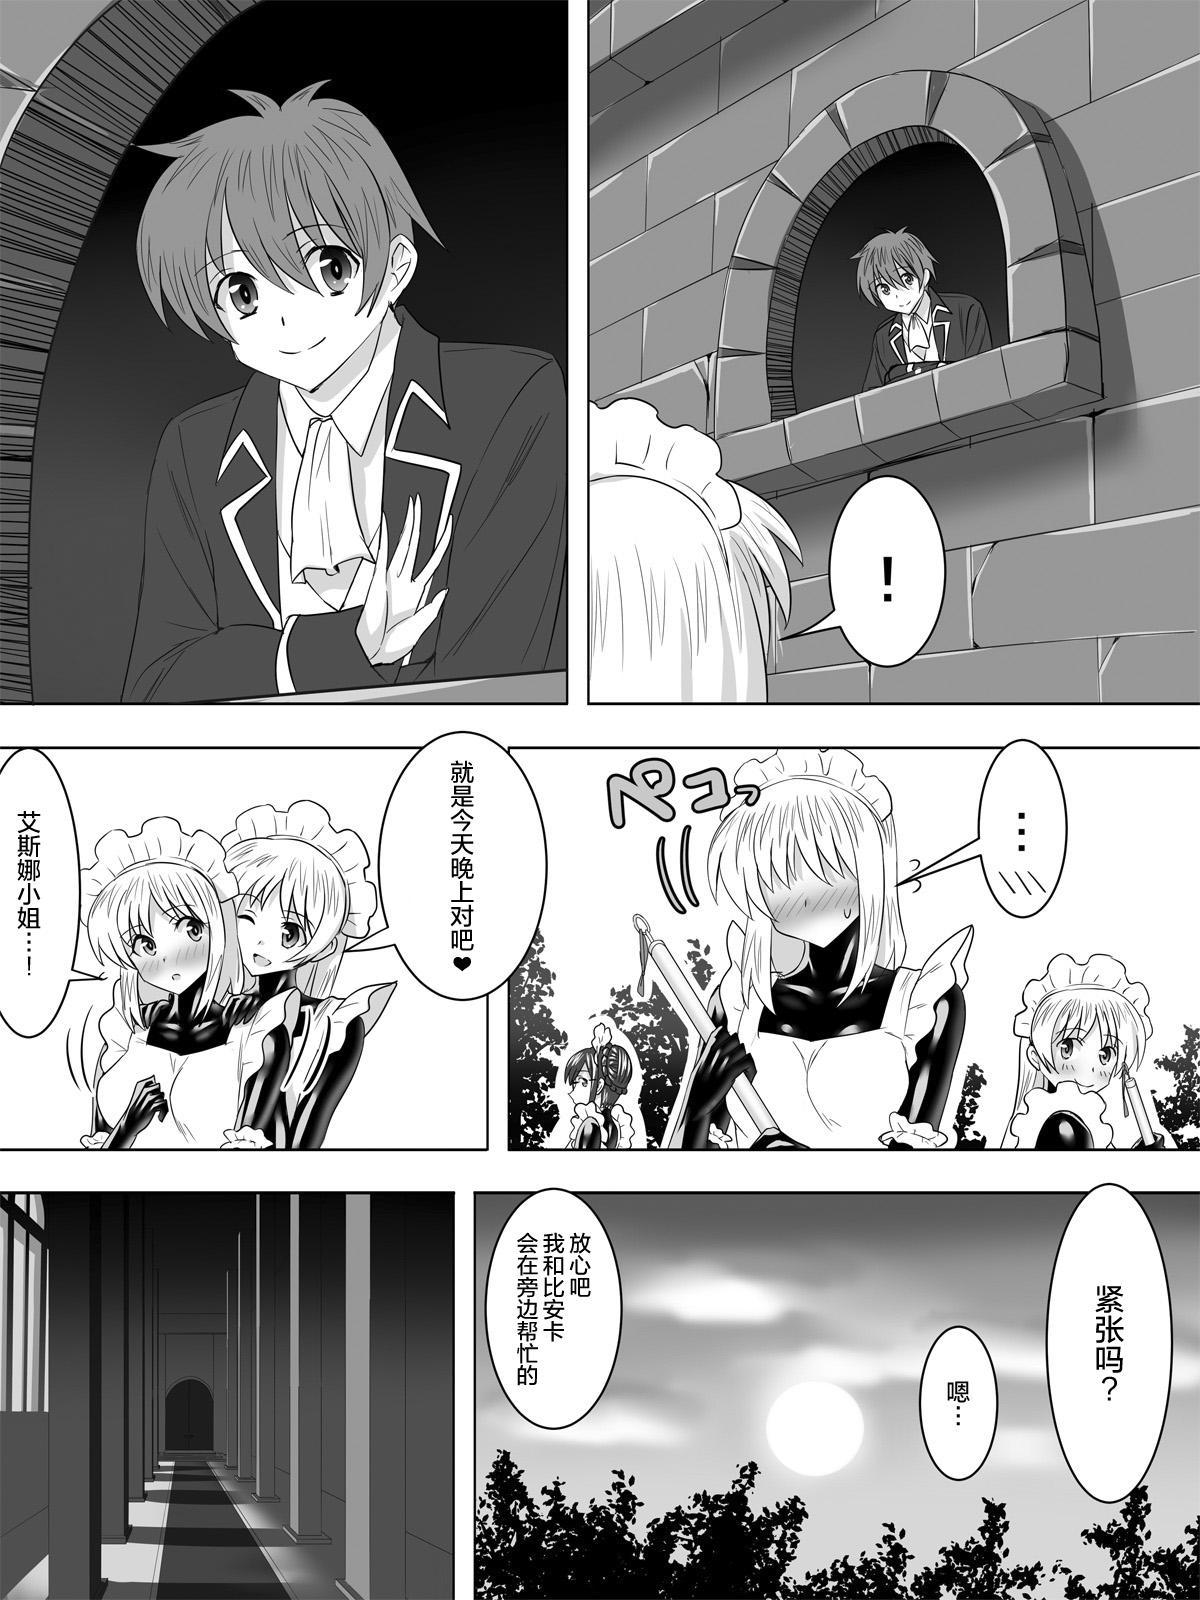 Picchiri Suit Maid to Doutei Kizoku 28